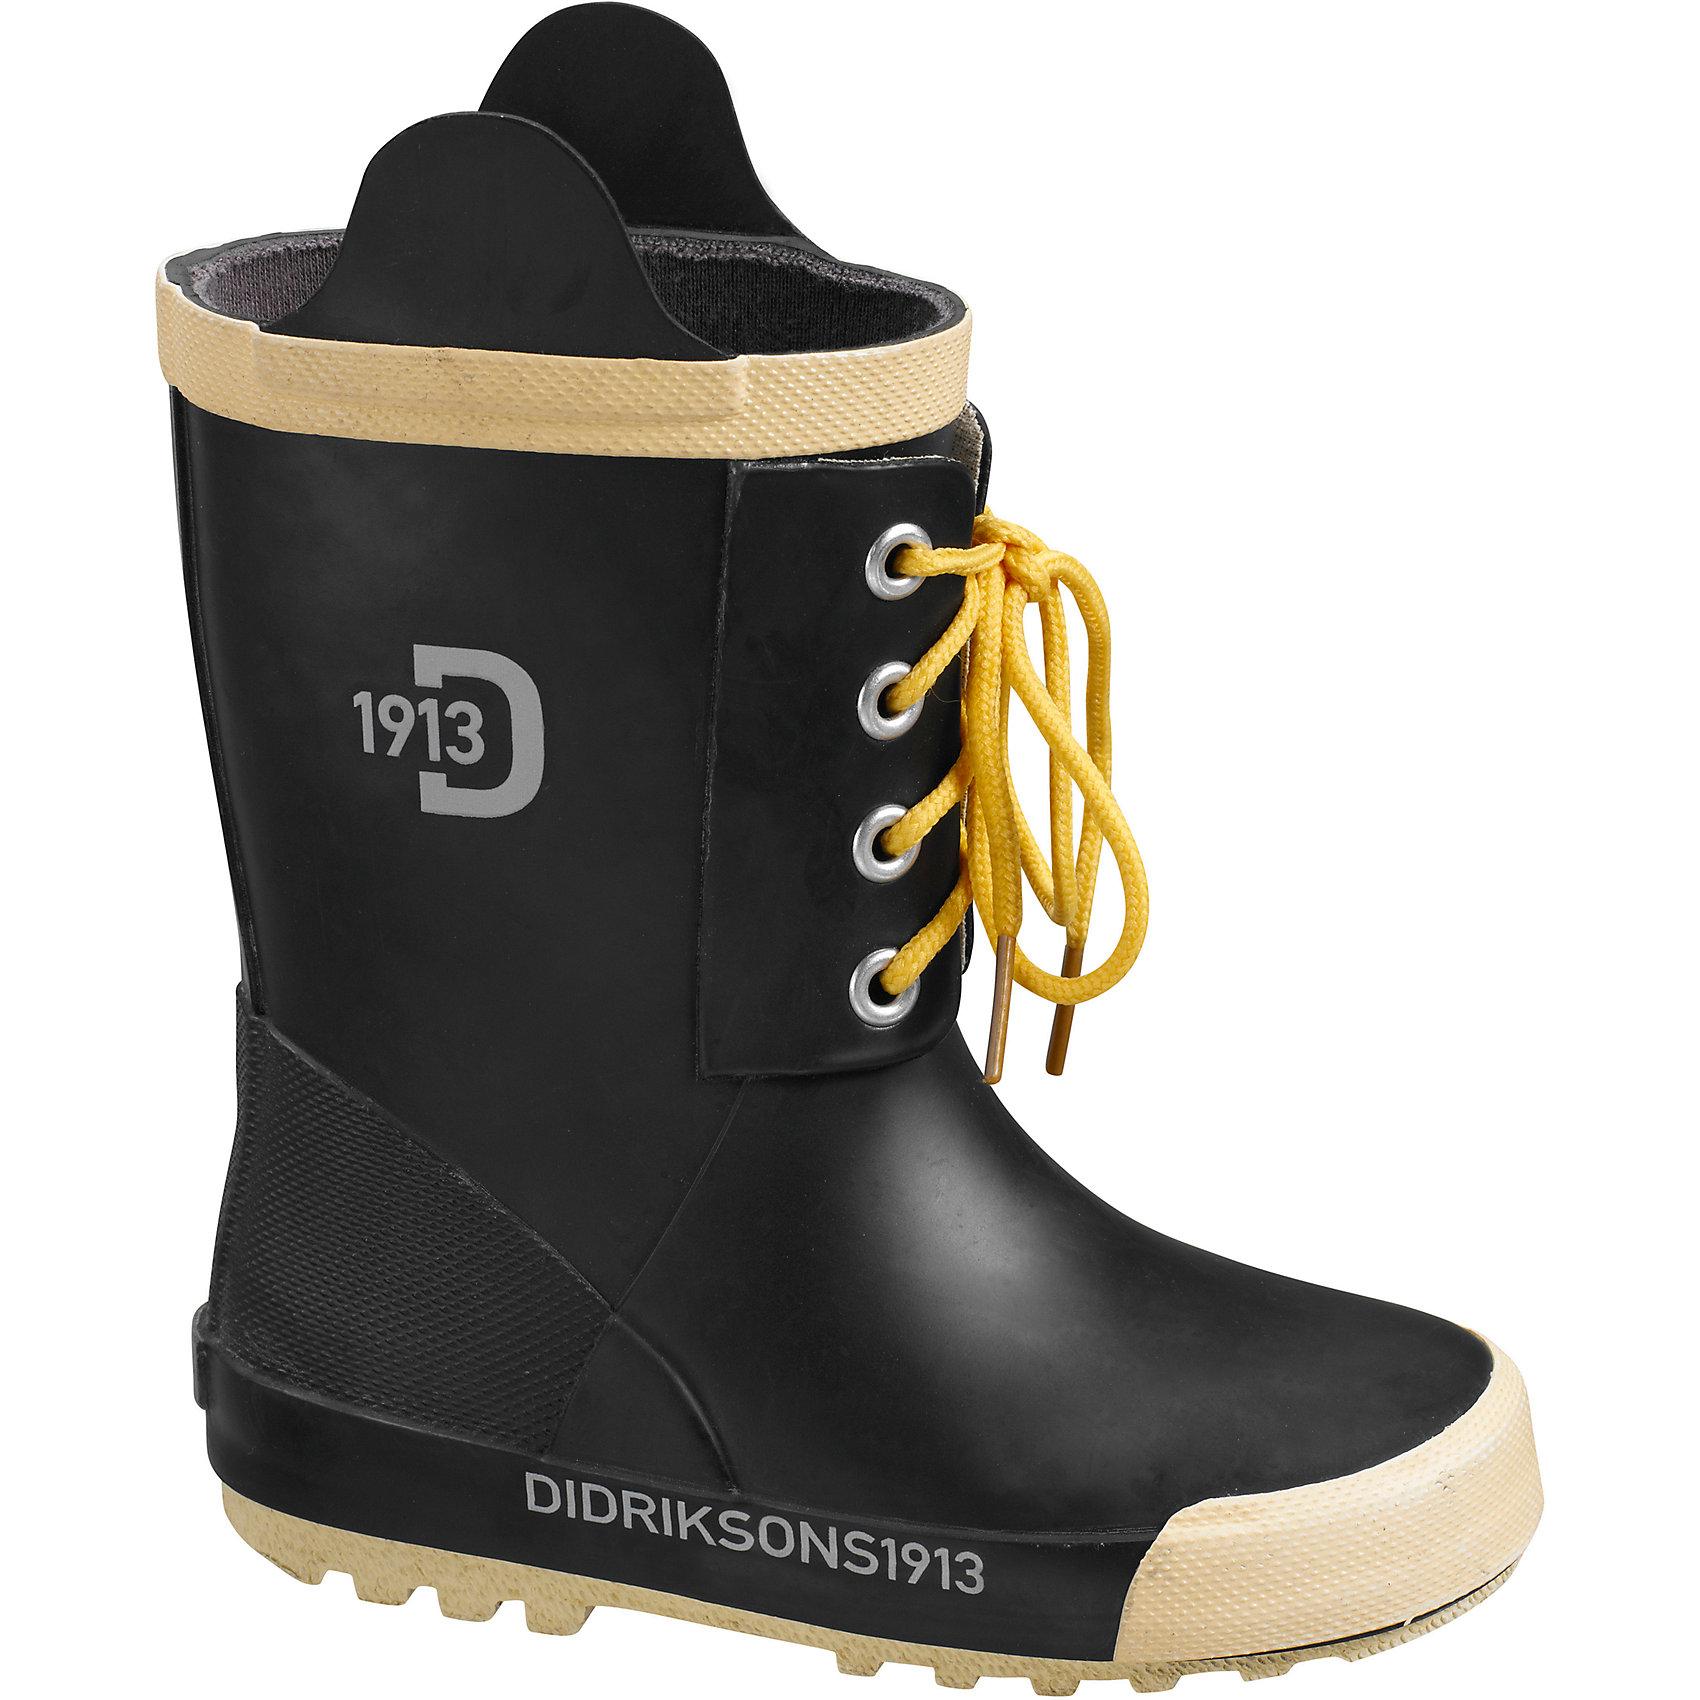 Резиновые сапоги SPLASHMAN для мальчика DIDRIKSONSРезиновые сапоги<br>Яркие резиновые сапоги  из натурального каучука - практичная и удобная обувь для дождливой погоды. Модель украшена шнуровкой. Мягкая текстильная подкладка из полиэстера обеспечит тепло и комфорт при носке. Ортопедическая стелька вынимается. Рельефная подошва предотвратит скольжение. <br>Состав:<br>Верх - 100% каучук, подкладка - 100% полиэстер<br><br>Ширина мм: 237<br>Глубина мм: 180<br>Высота мм: 152<br>Вес г: 438<br>Цвет: черный<br>Возраст от месяцев: 108<br>Возраст до месяцев: 120<br>Пол: Мужской<br>Возраст: Детский<br>Размер: 33<br>SKU: 5527335